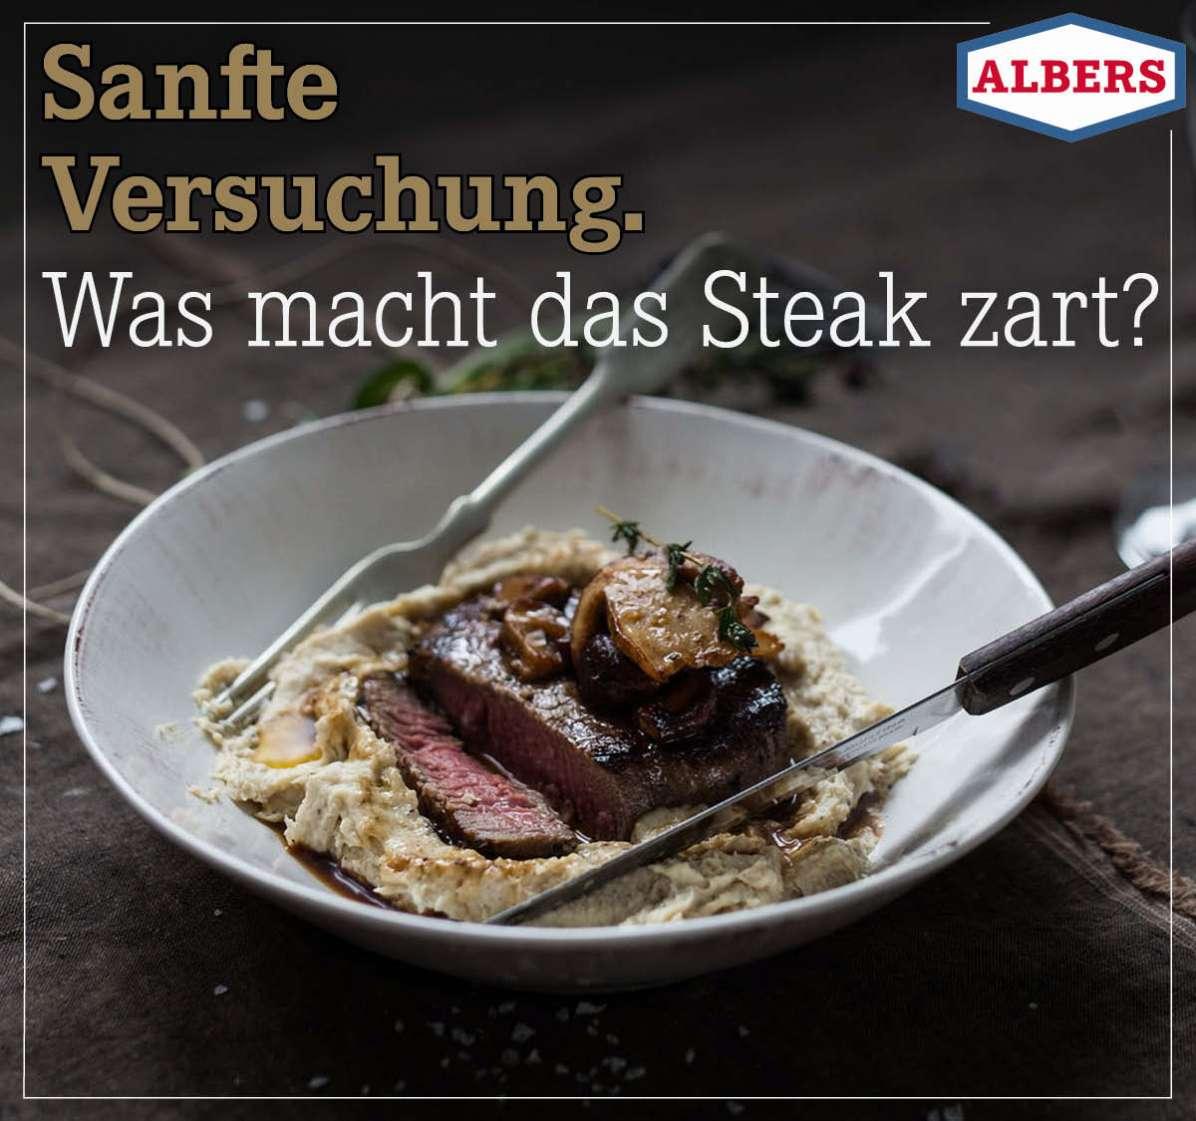 Sanfte Versuchung. Was macht das Steak zart?